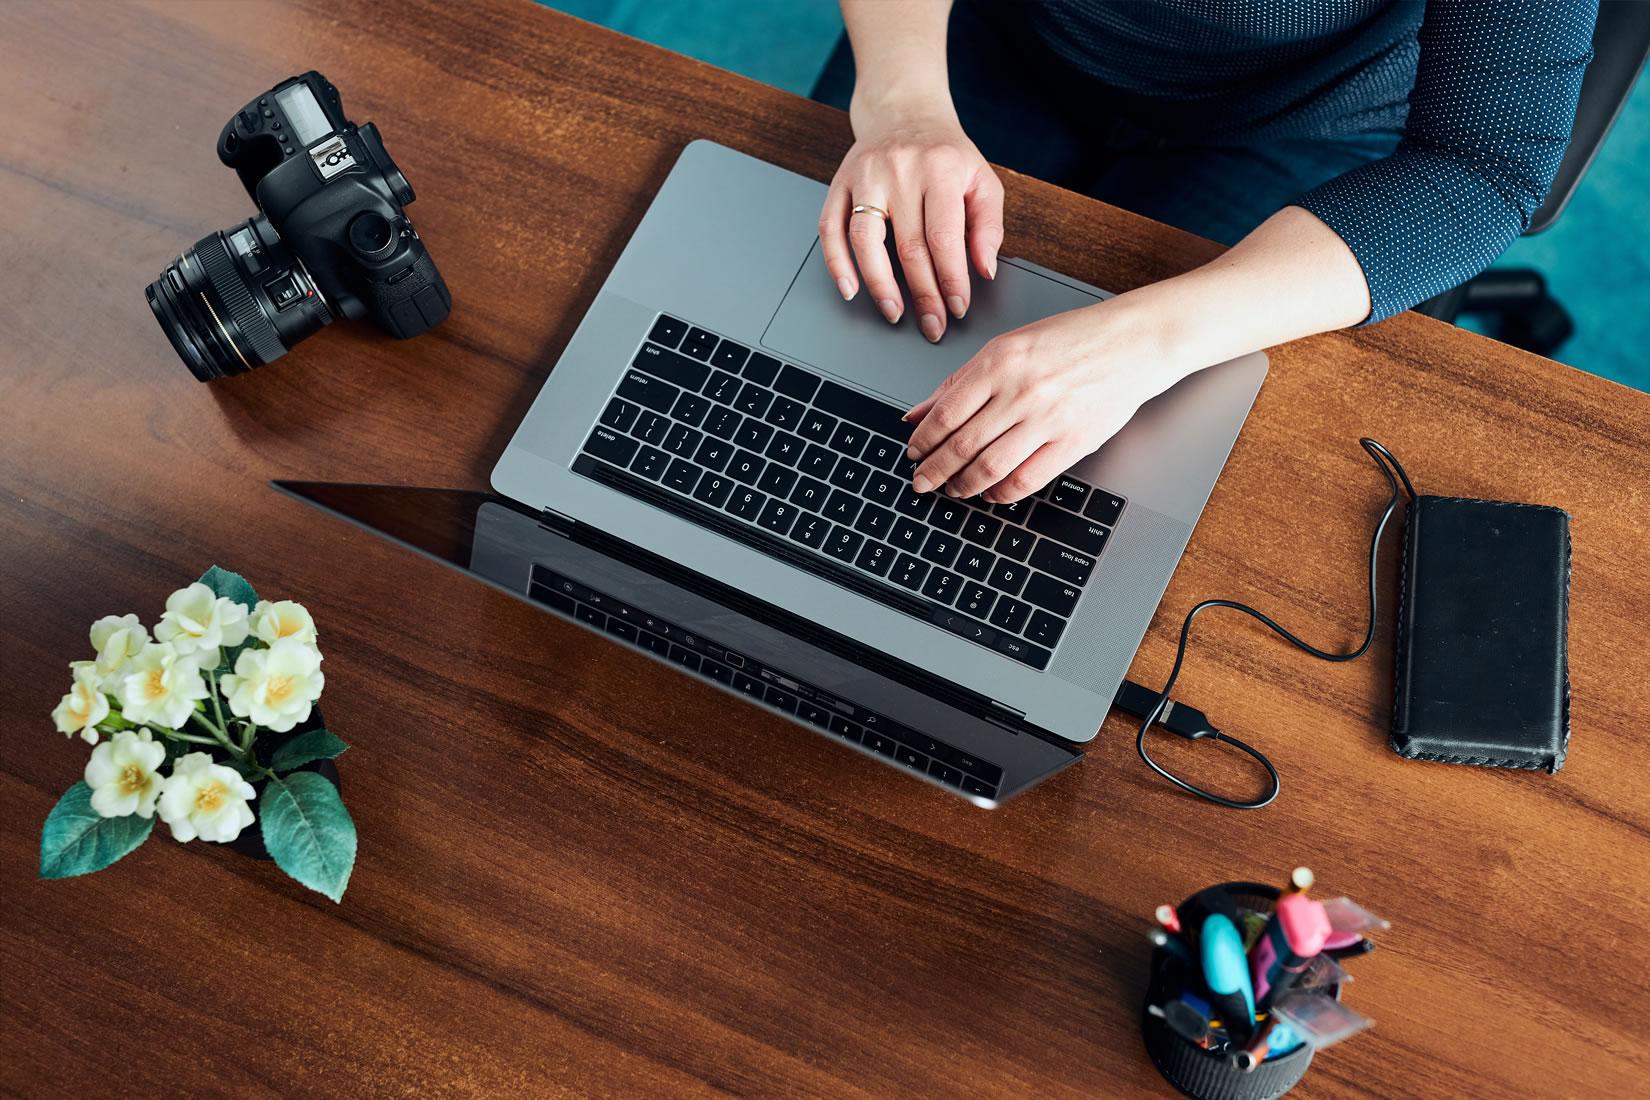 Plano cenital de manos de mujer sobre una Macbook, en su lateral izquierdo hay una cámara reflex y flores blancas y en su derecho, un disco externo.